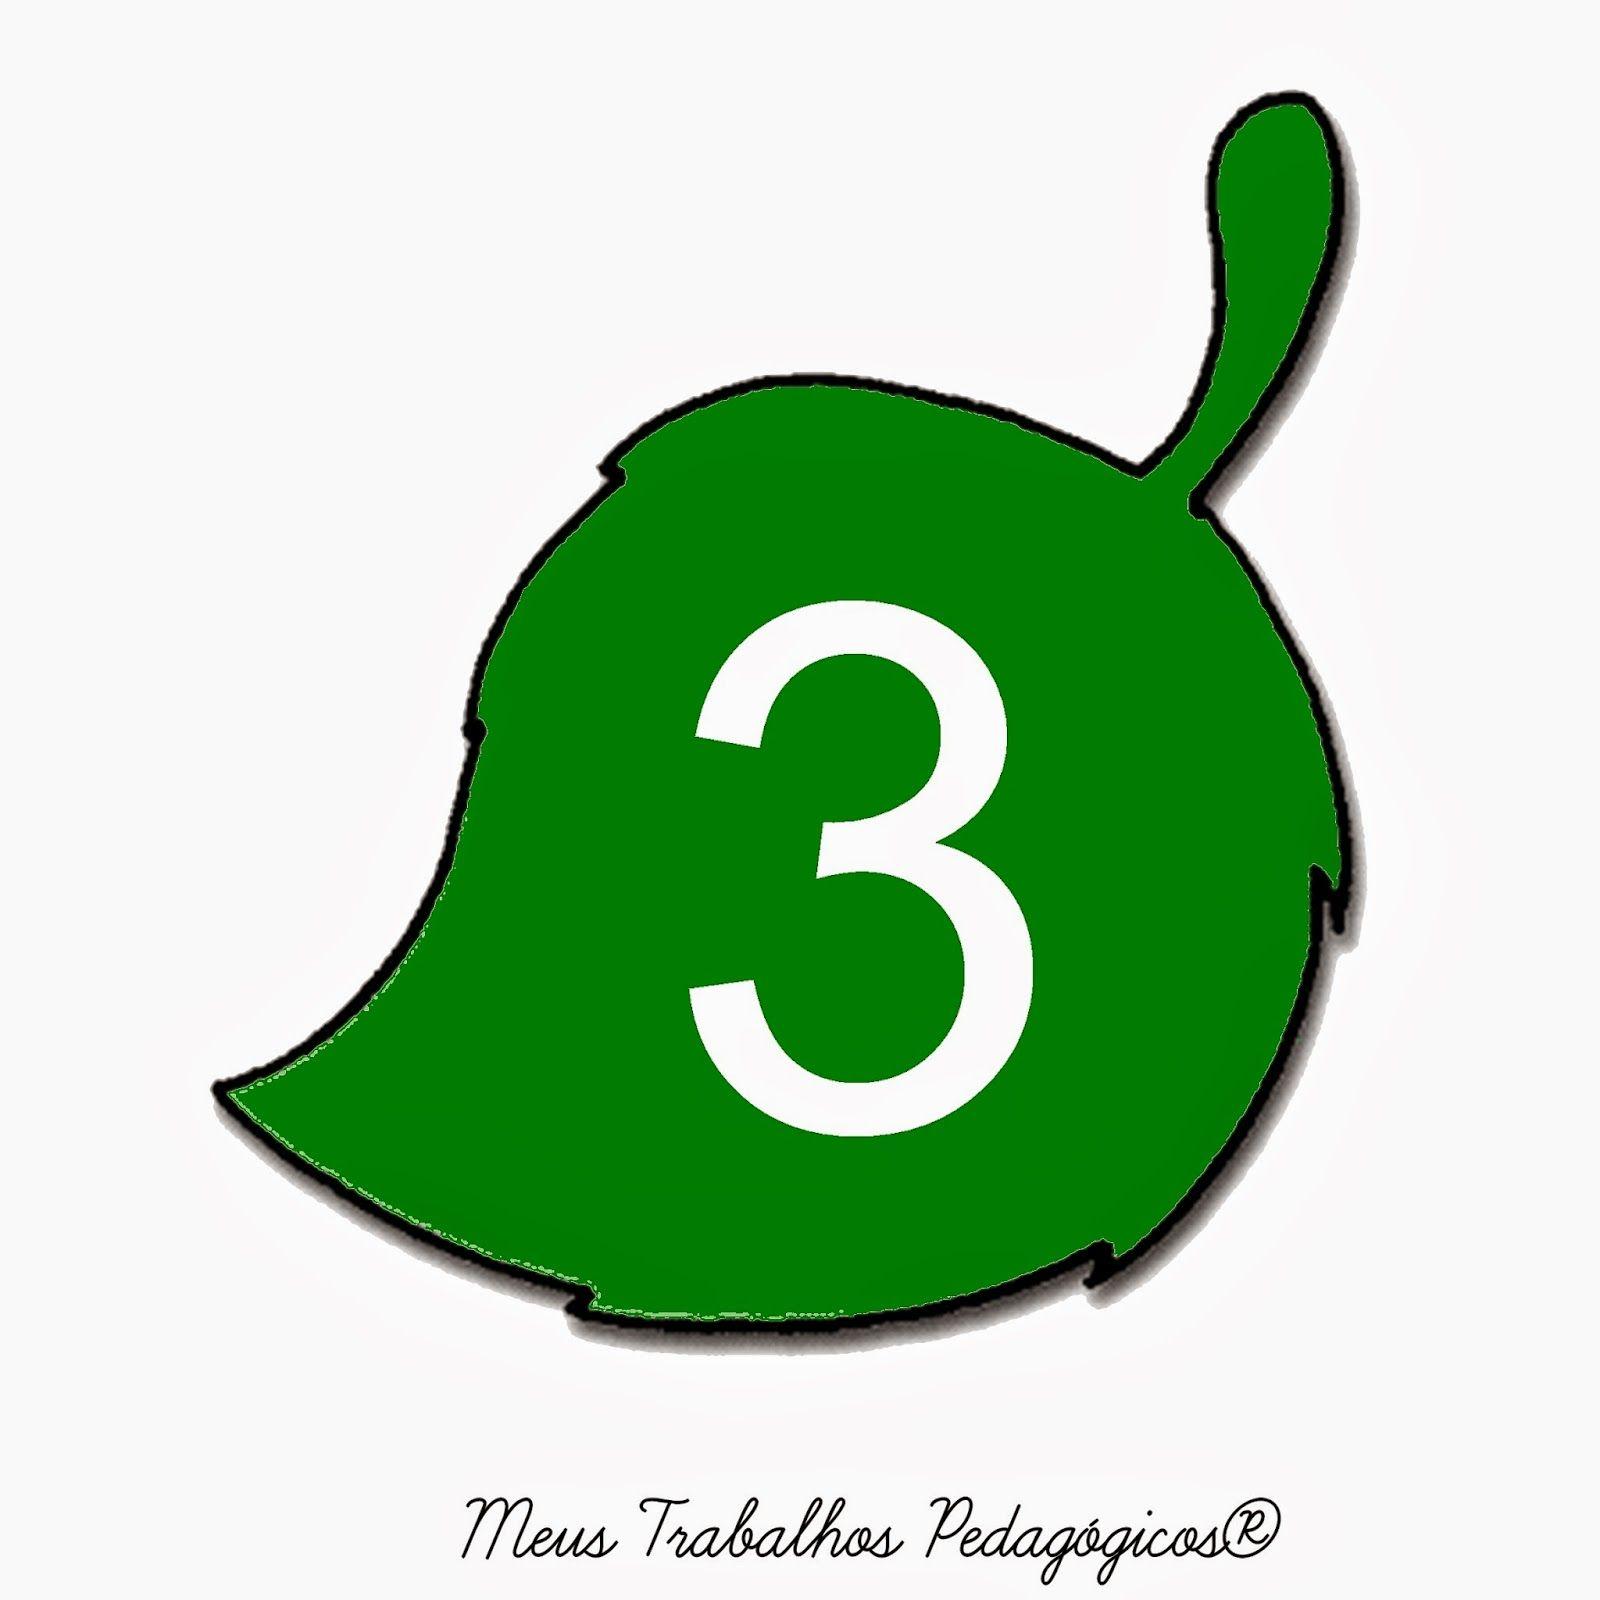 Meus Trabalhos Pedagógicos ®: Folha com números para decorar sala de aula